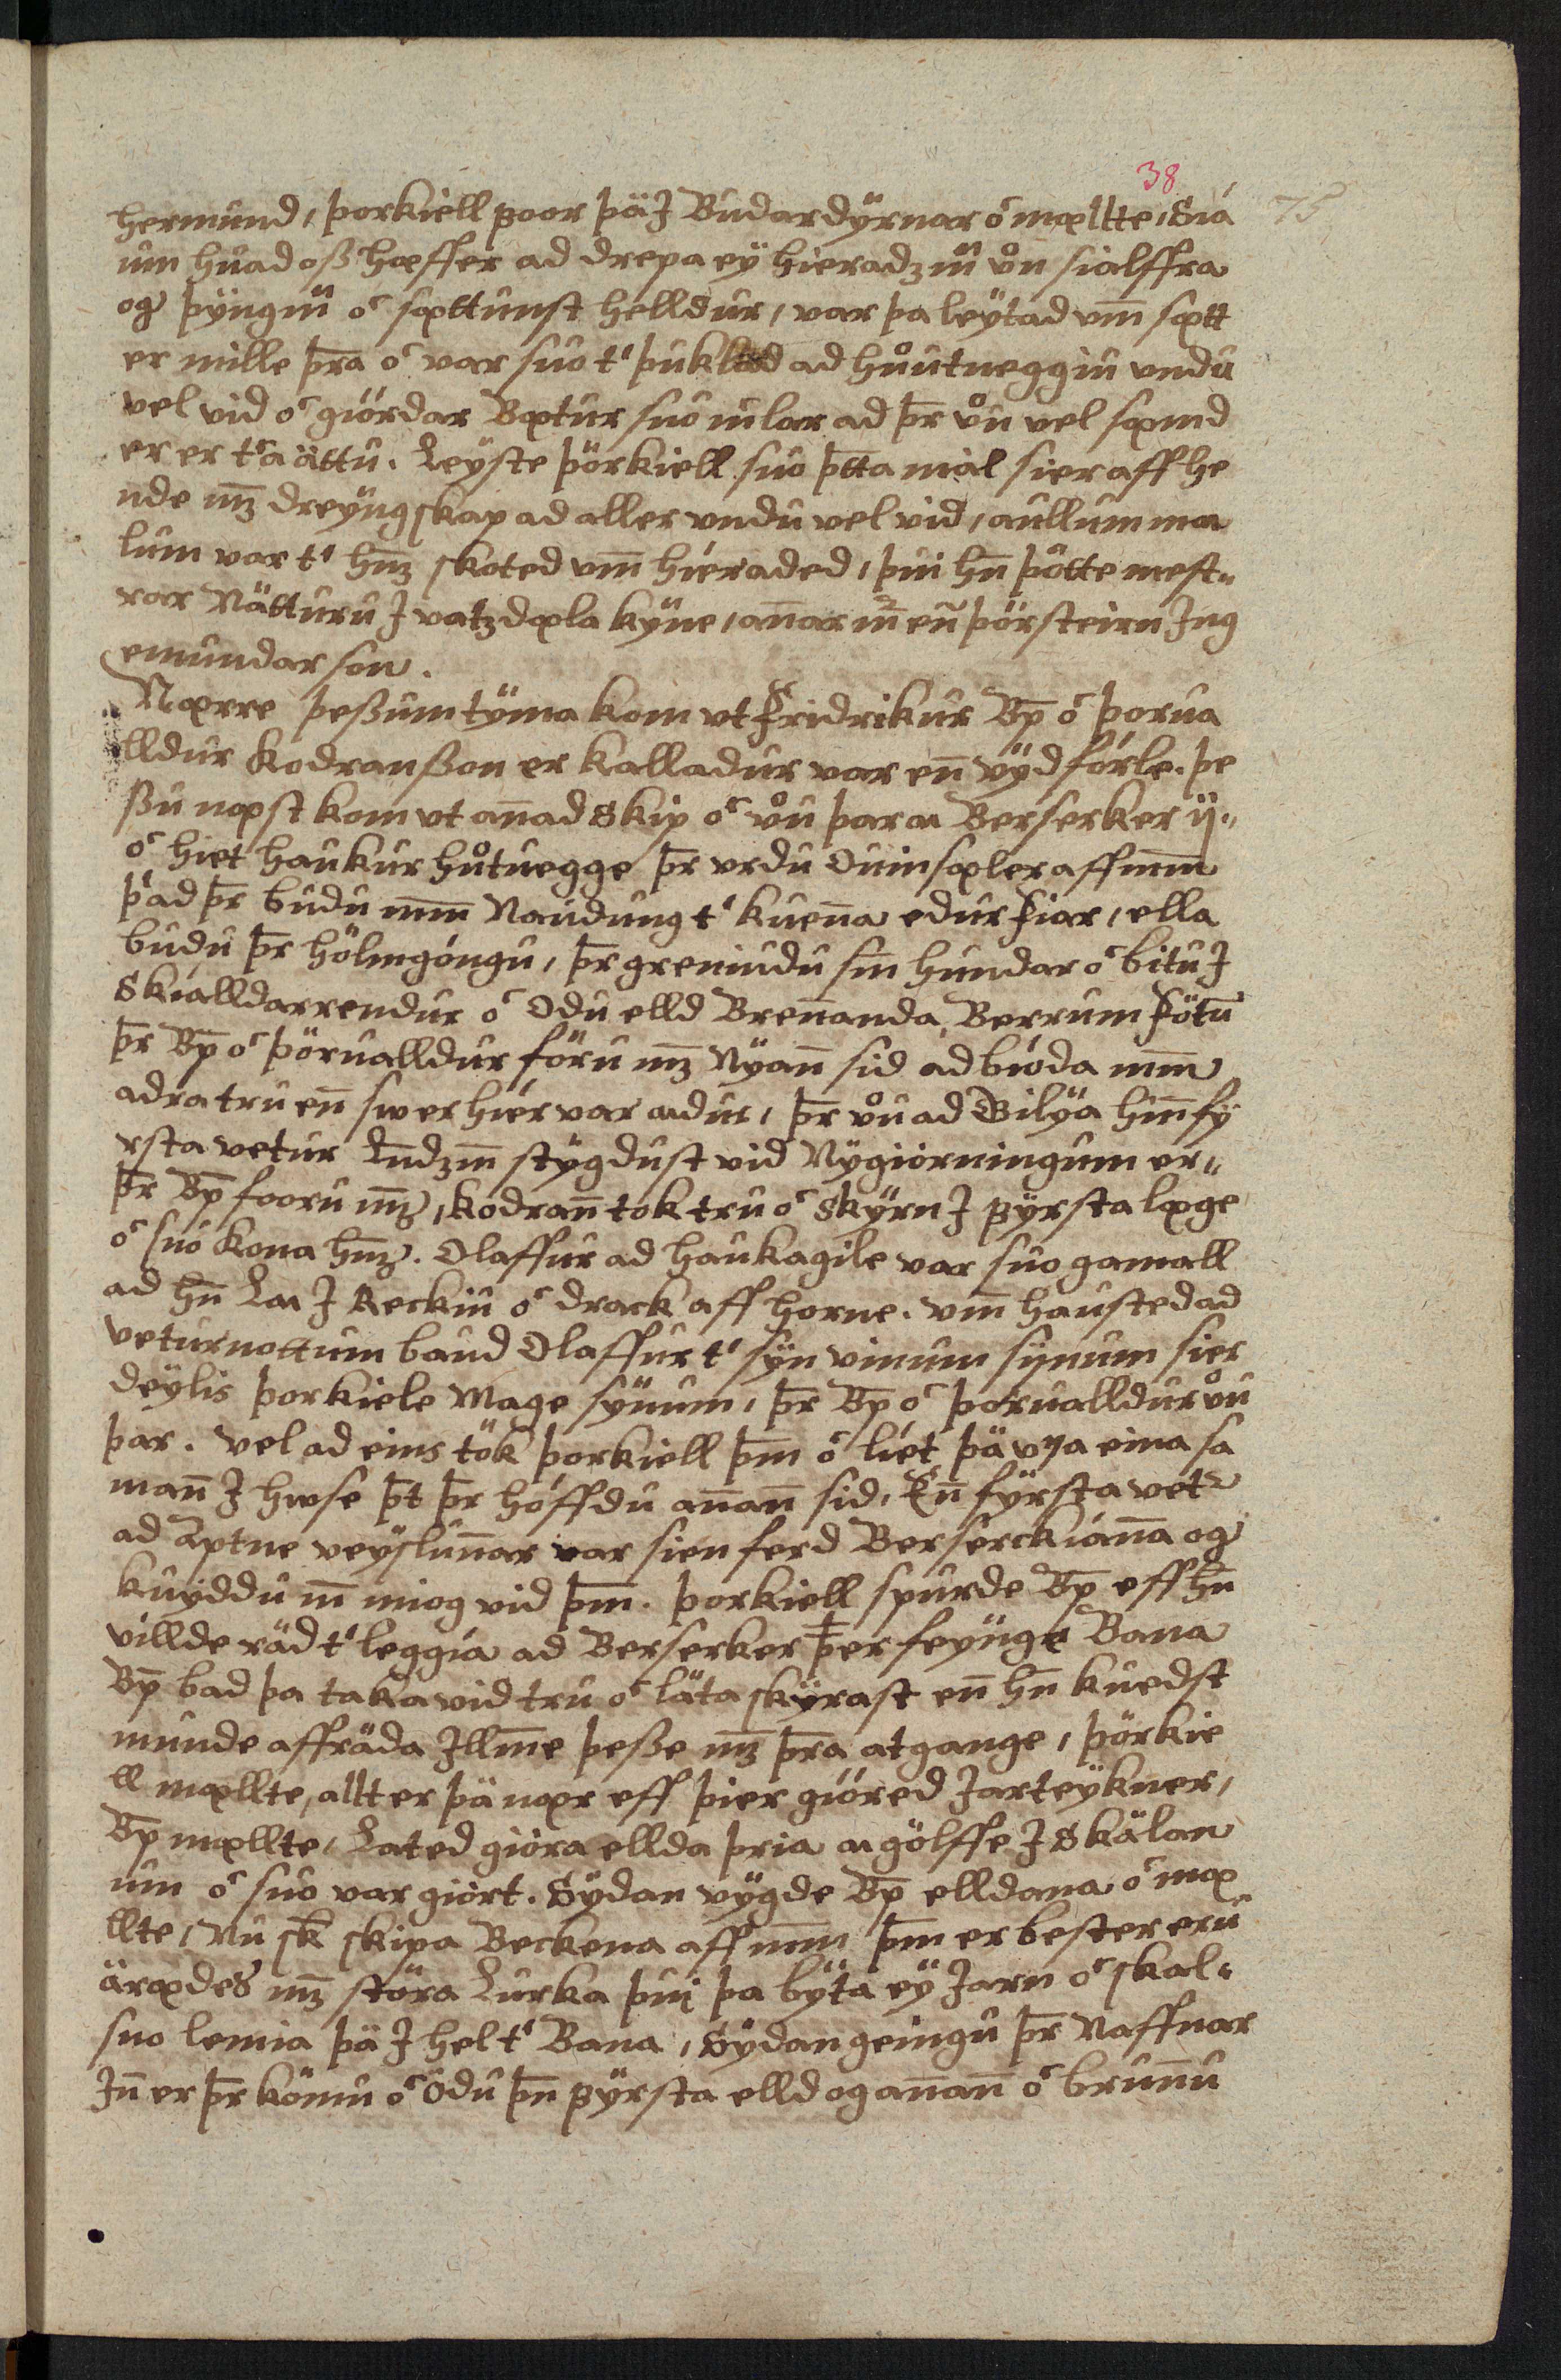 AM 138 fol - 38r